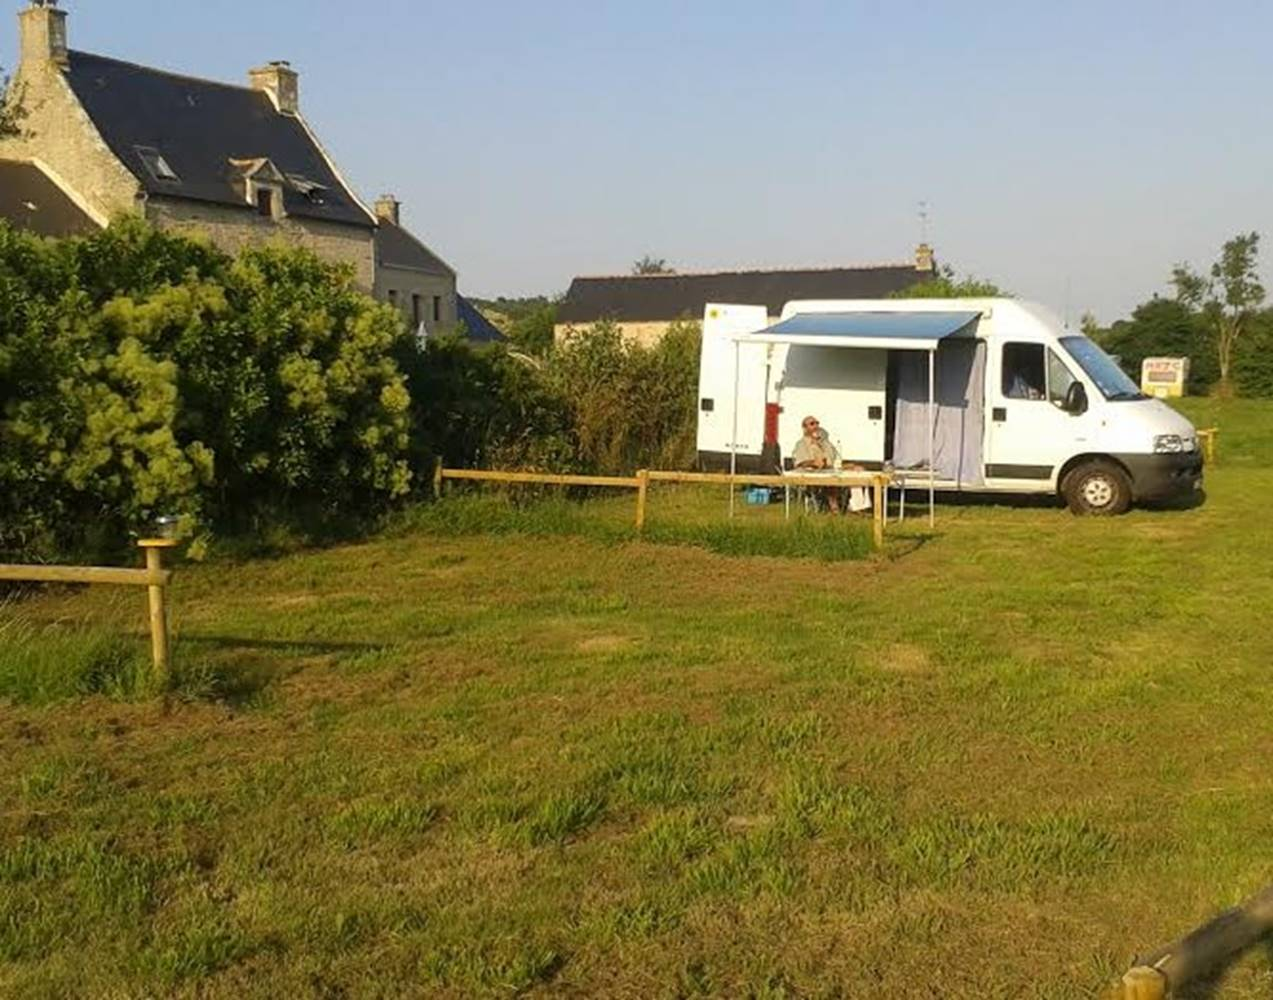 DOMAINE DE BOBEHEC - Camping à La Vraie-Croix - Morbihan - Bretagne Sud © CHOUVELLON